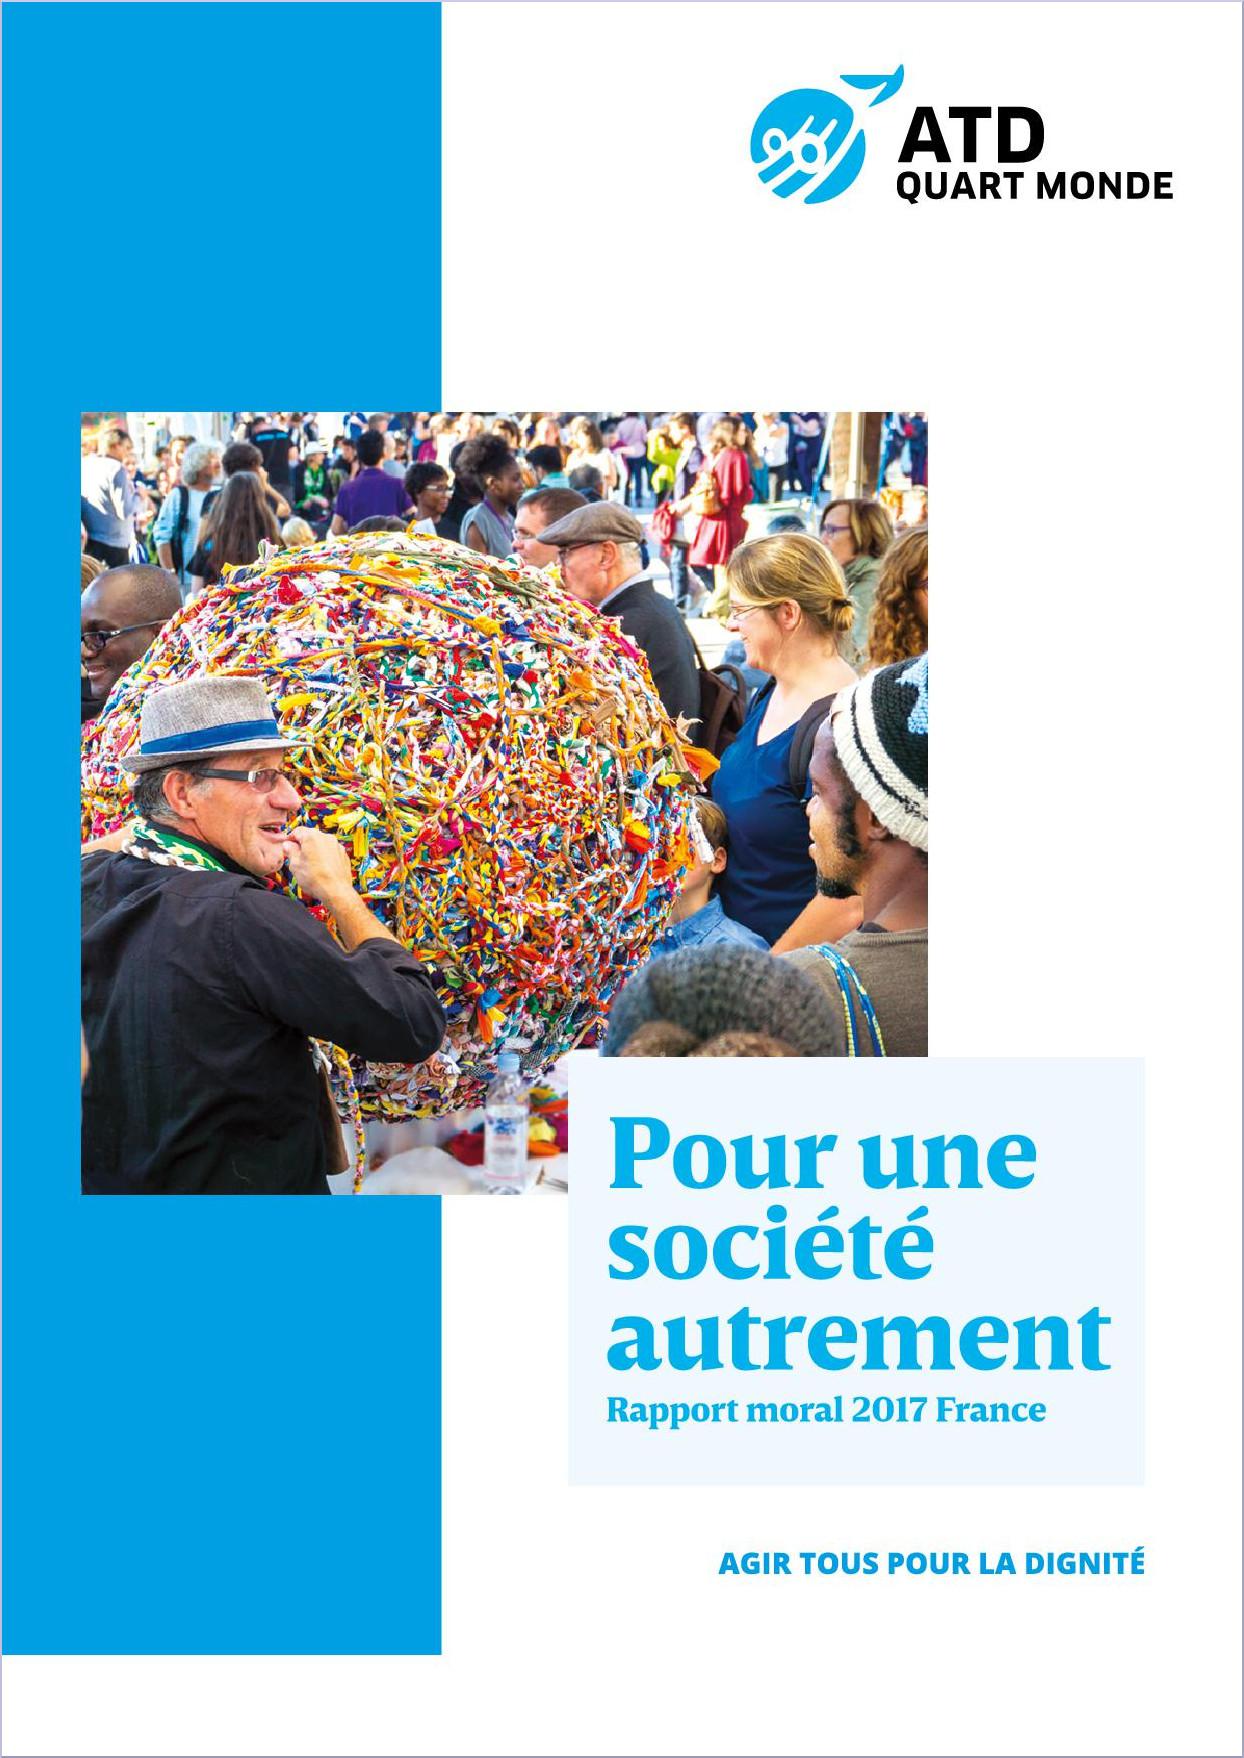 Pour une société autrement - Rapport moral 2017 France